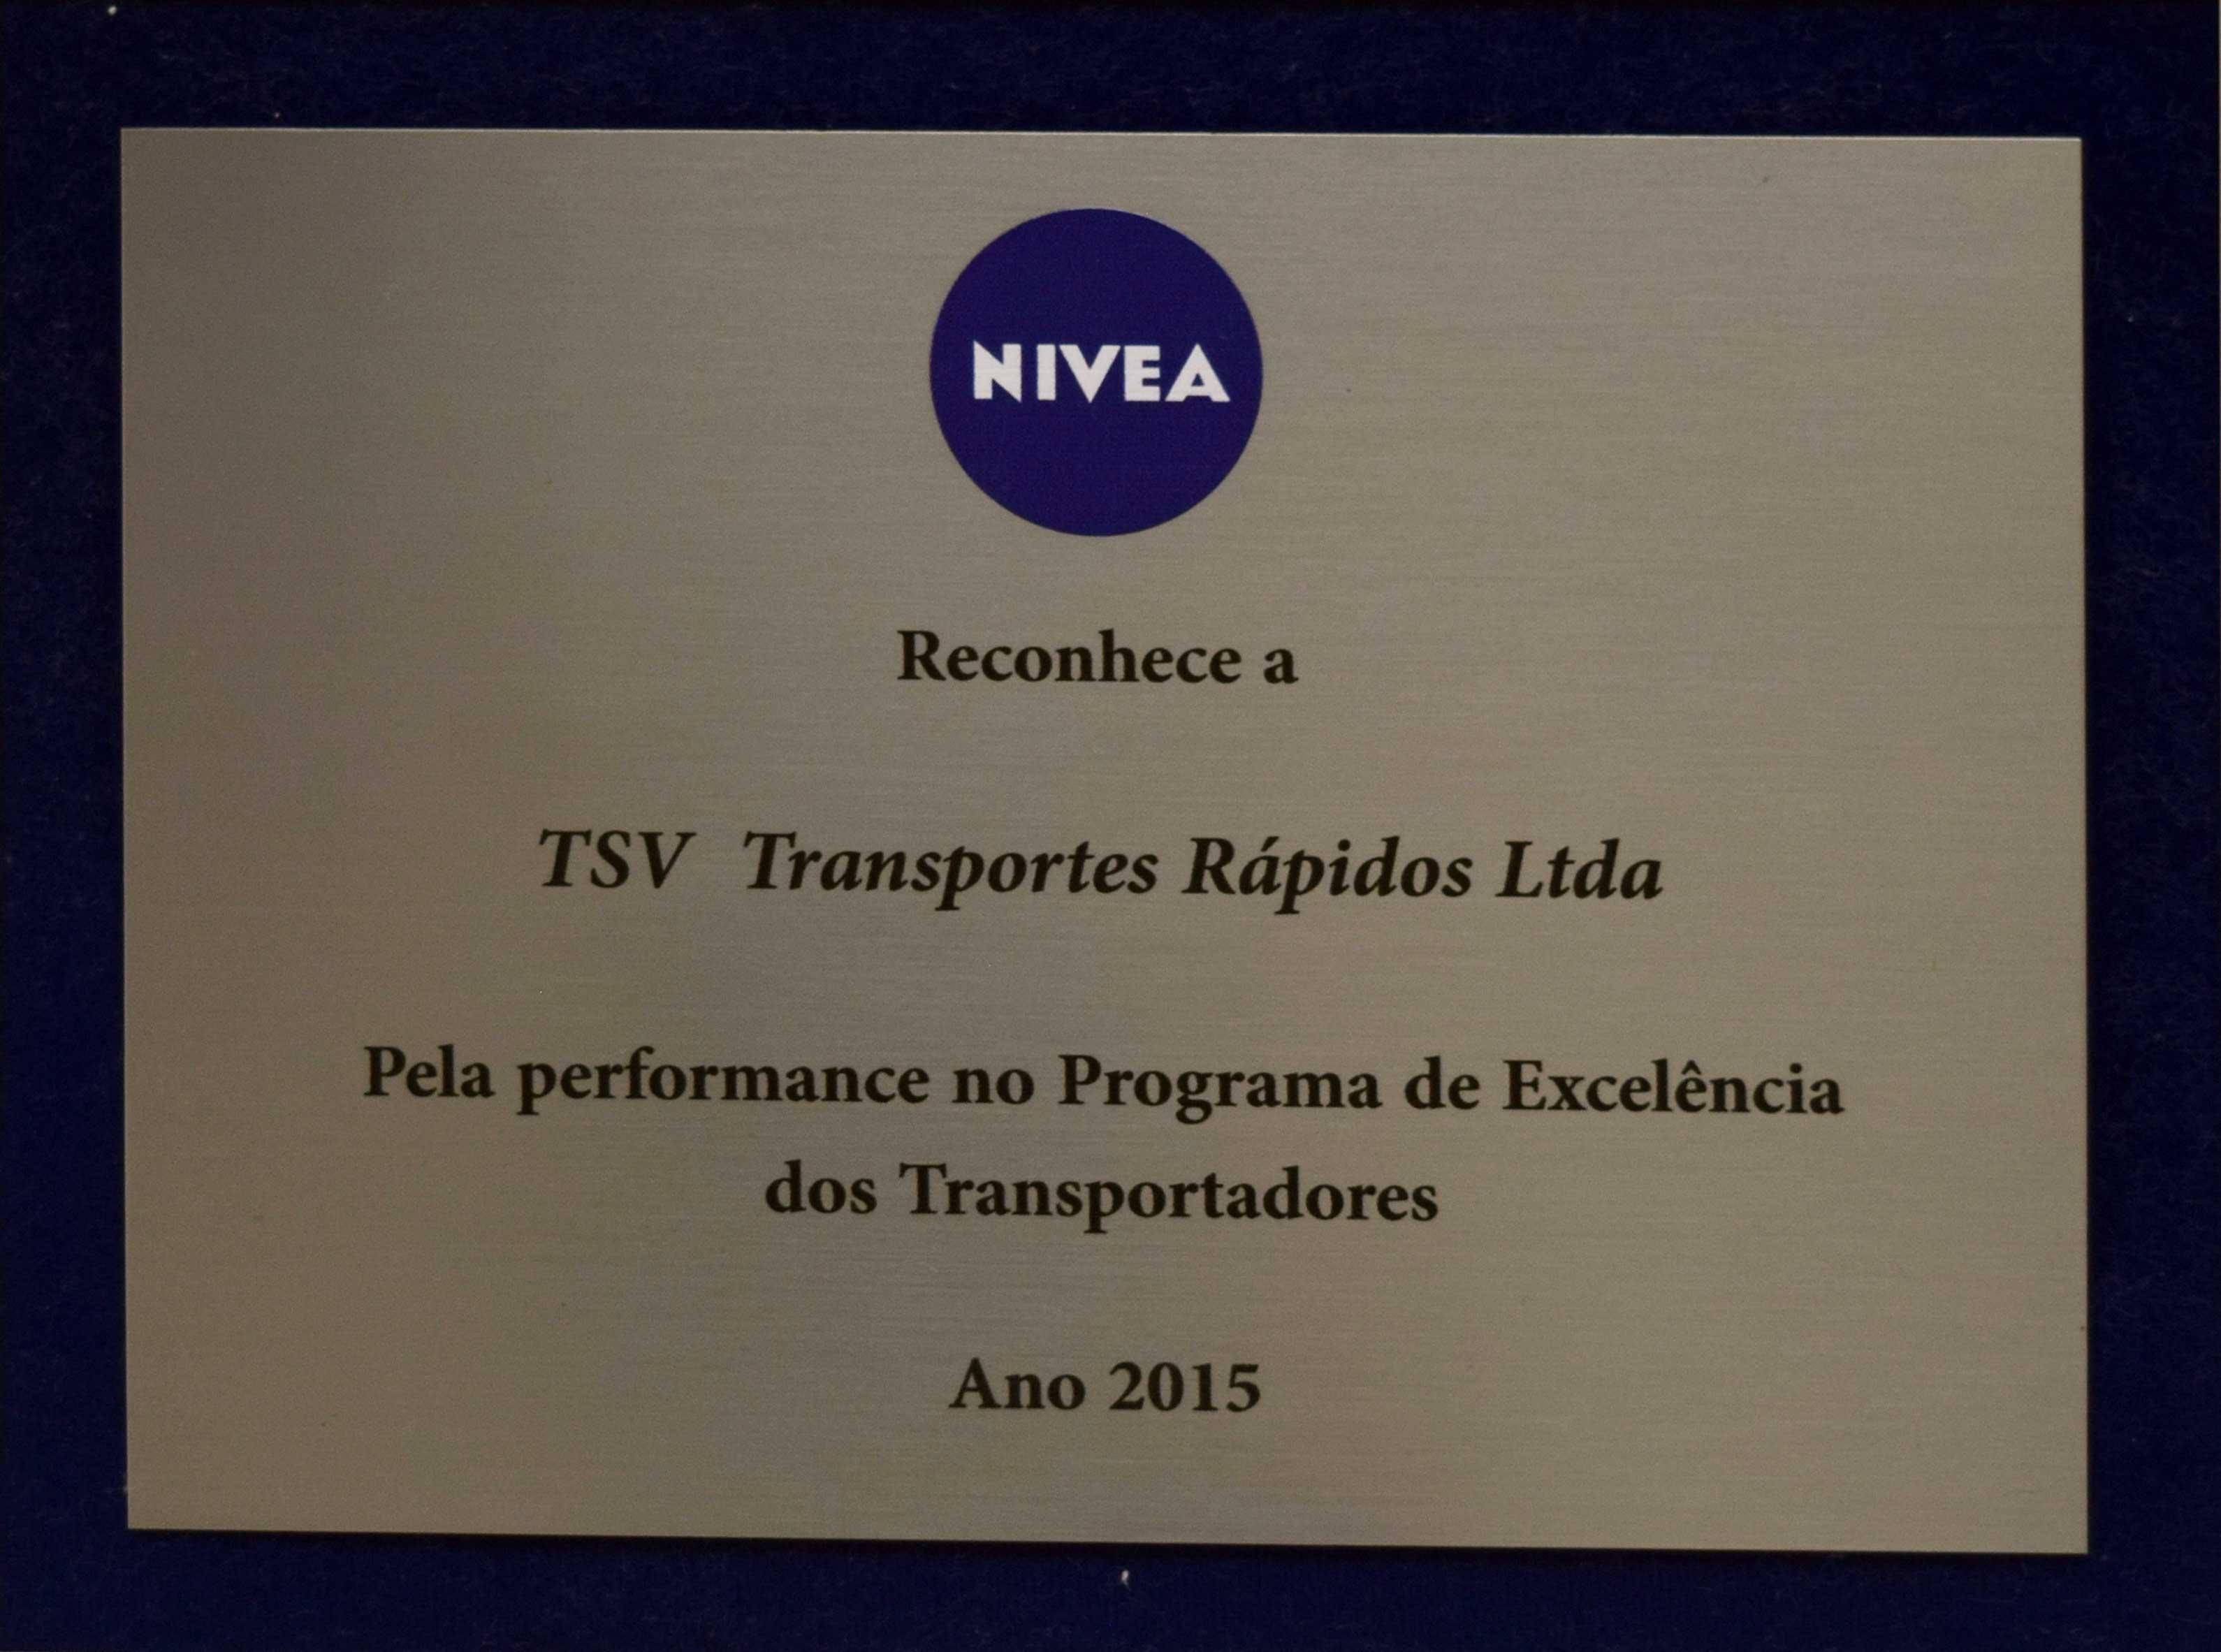 http://www.tsvtransportes.com.br/wp-content/uploads/2018/09/DSC_0223.jpg